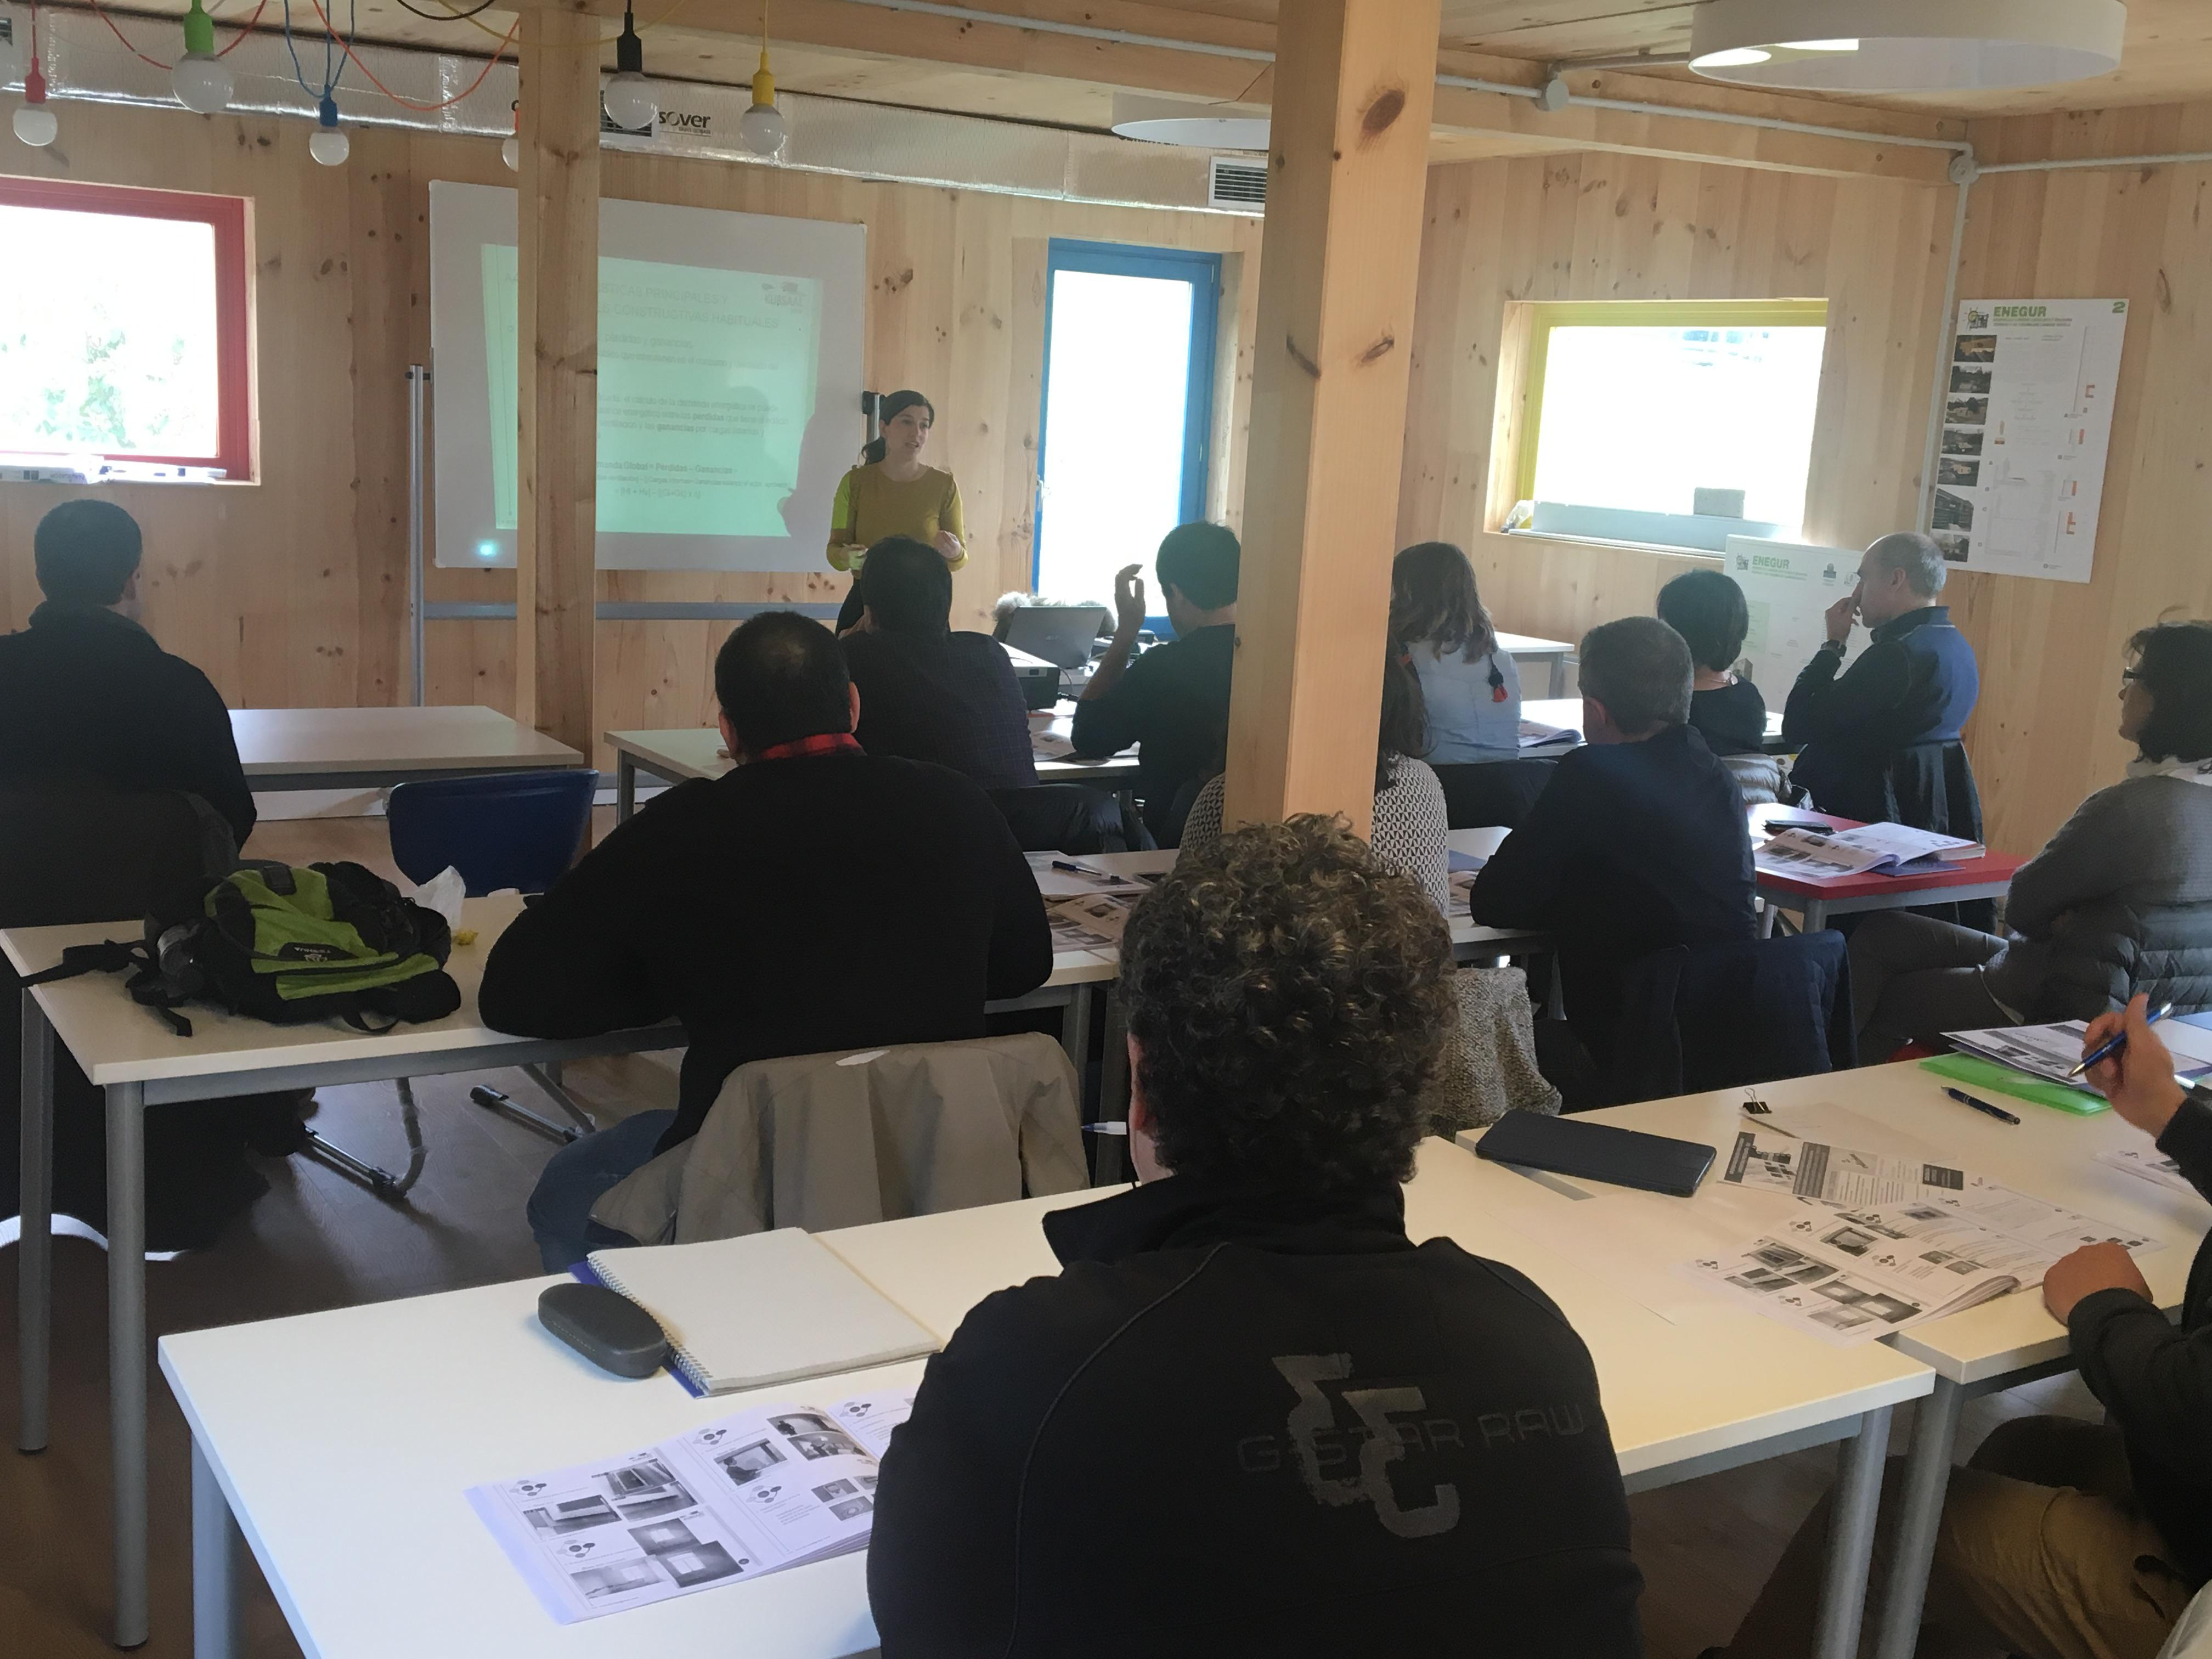 imagen 2 de noticia: kursal-green-hemos-impartido-el-curso-rehabilitaciones-de-consumo-casi-nulo-para-trabajadores-de-la-diputacin